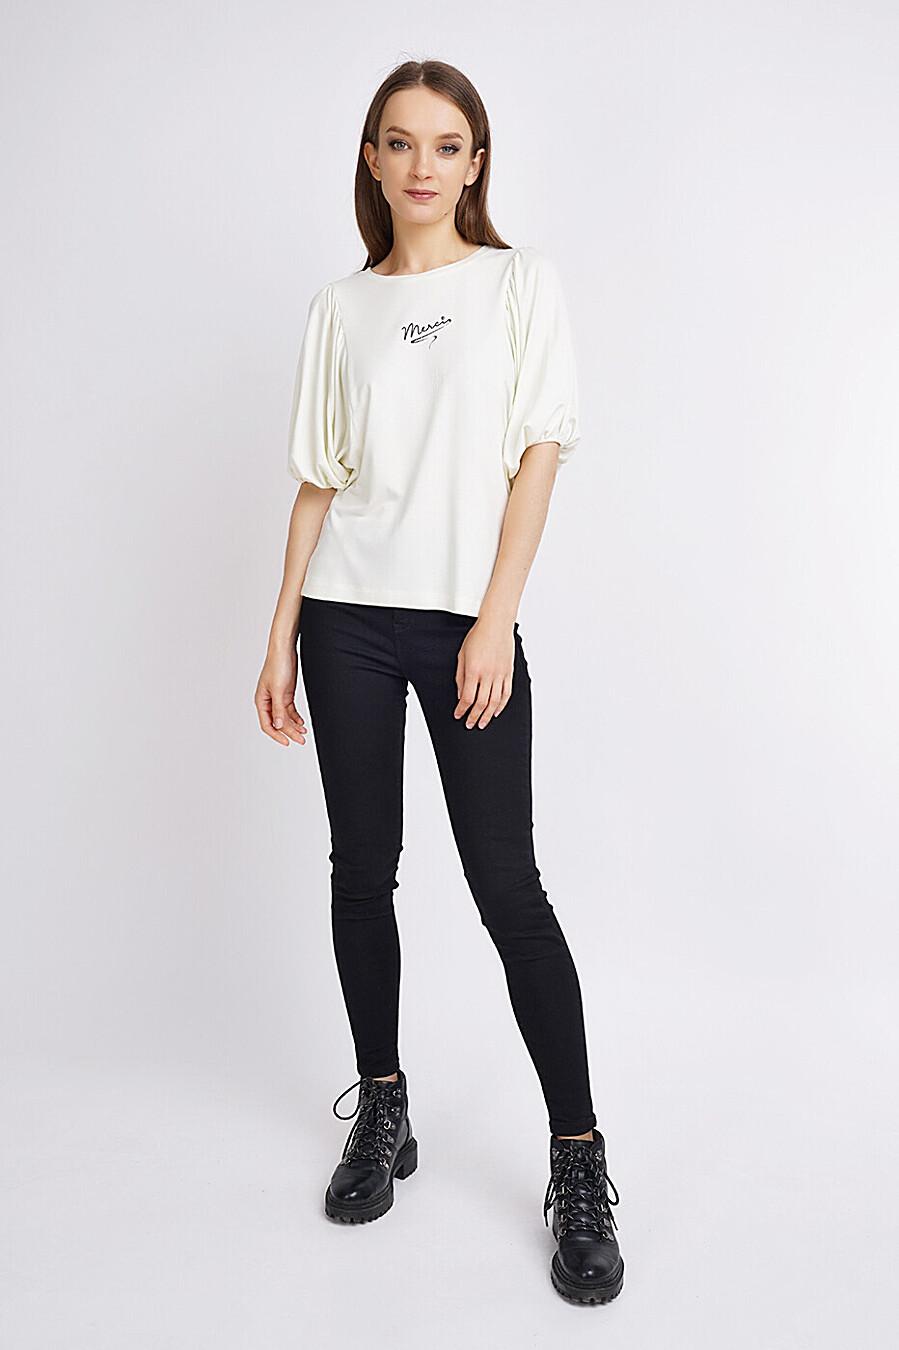 Джемпер для женщин CLEVER 272874 купить оптом от производителя. Совместная покупка женской одежды в OptMoyo